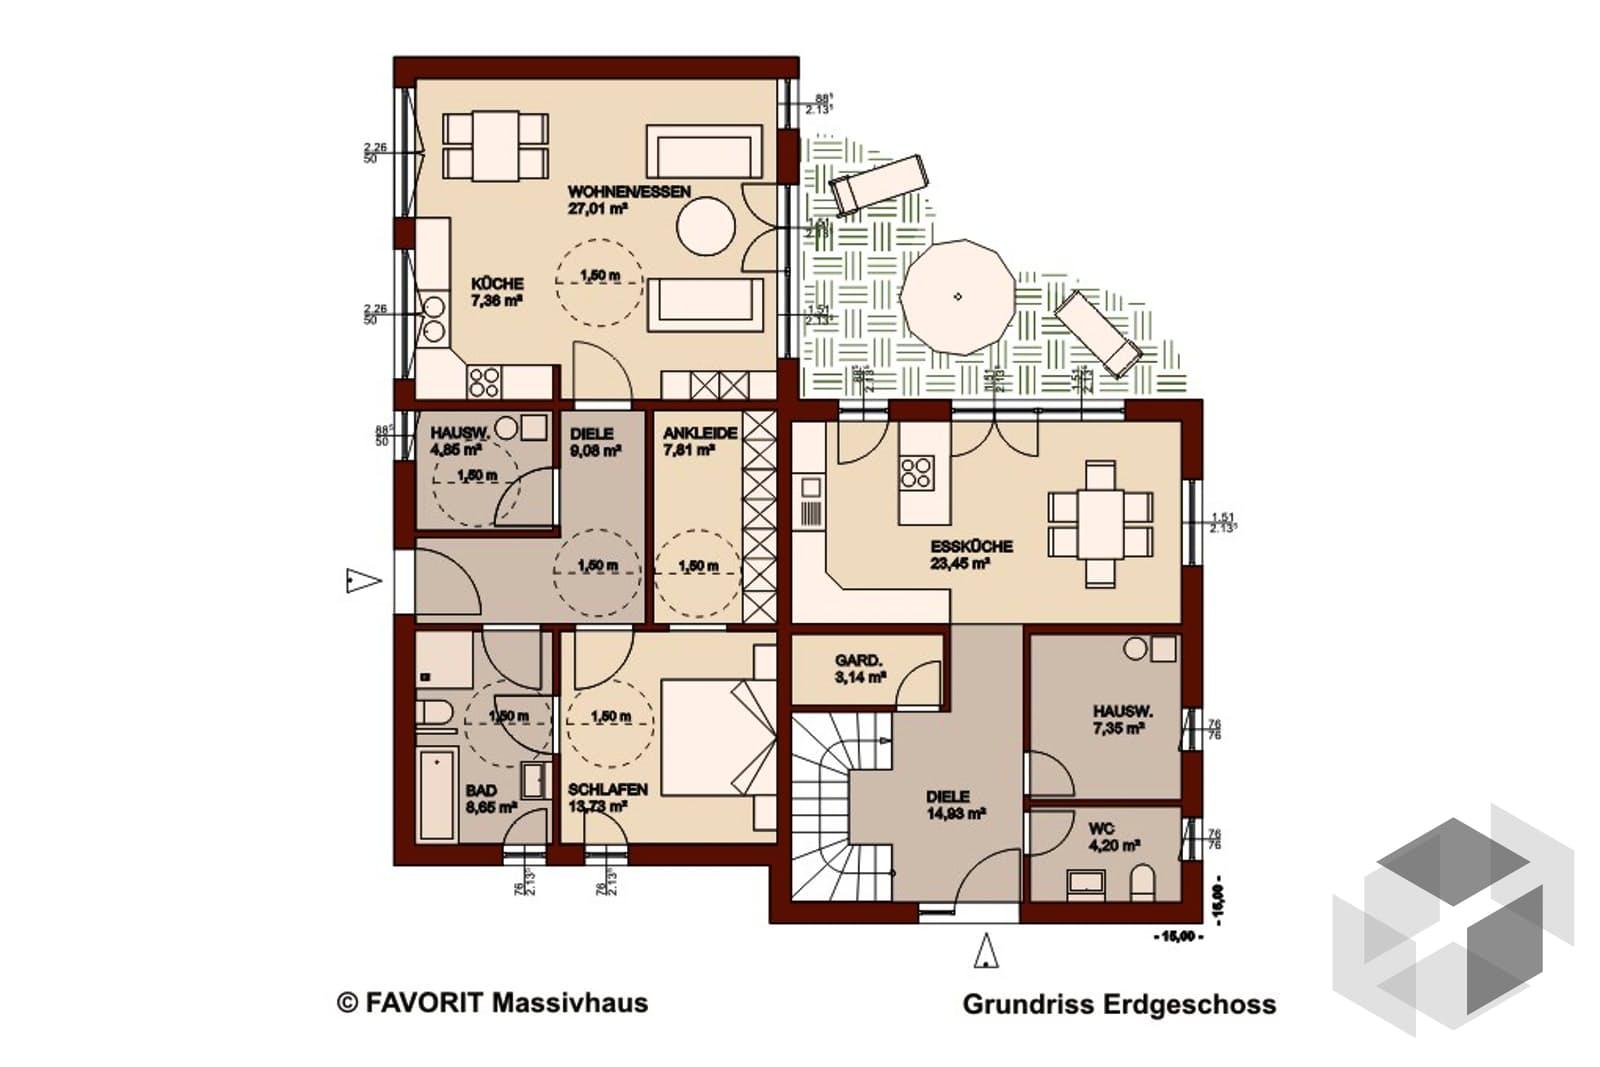 premium 171 78 von favorit massivhaus komplette daten bersicht. Black Bedroom Furniture Sets. Home Design Ideas